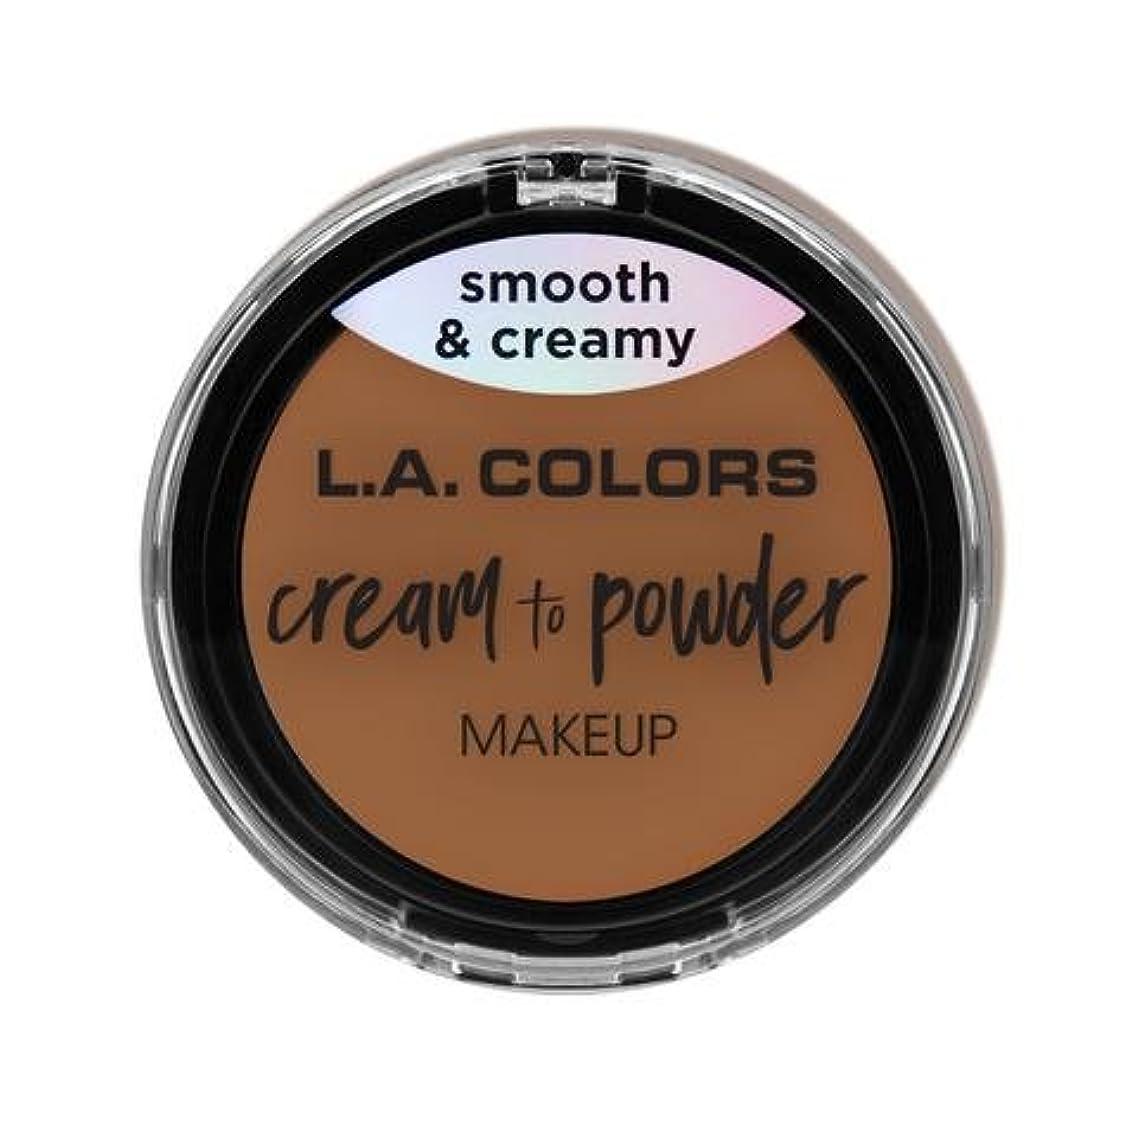 聡明避けられないメダル(3 Pack) L.A. COLORS Cream To Powder Foundation - Sand (並行輸入品)